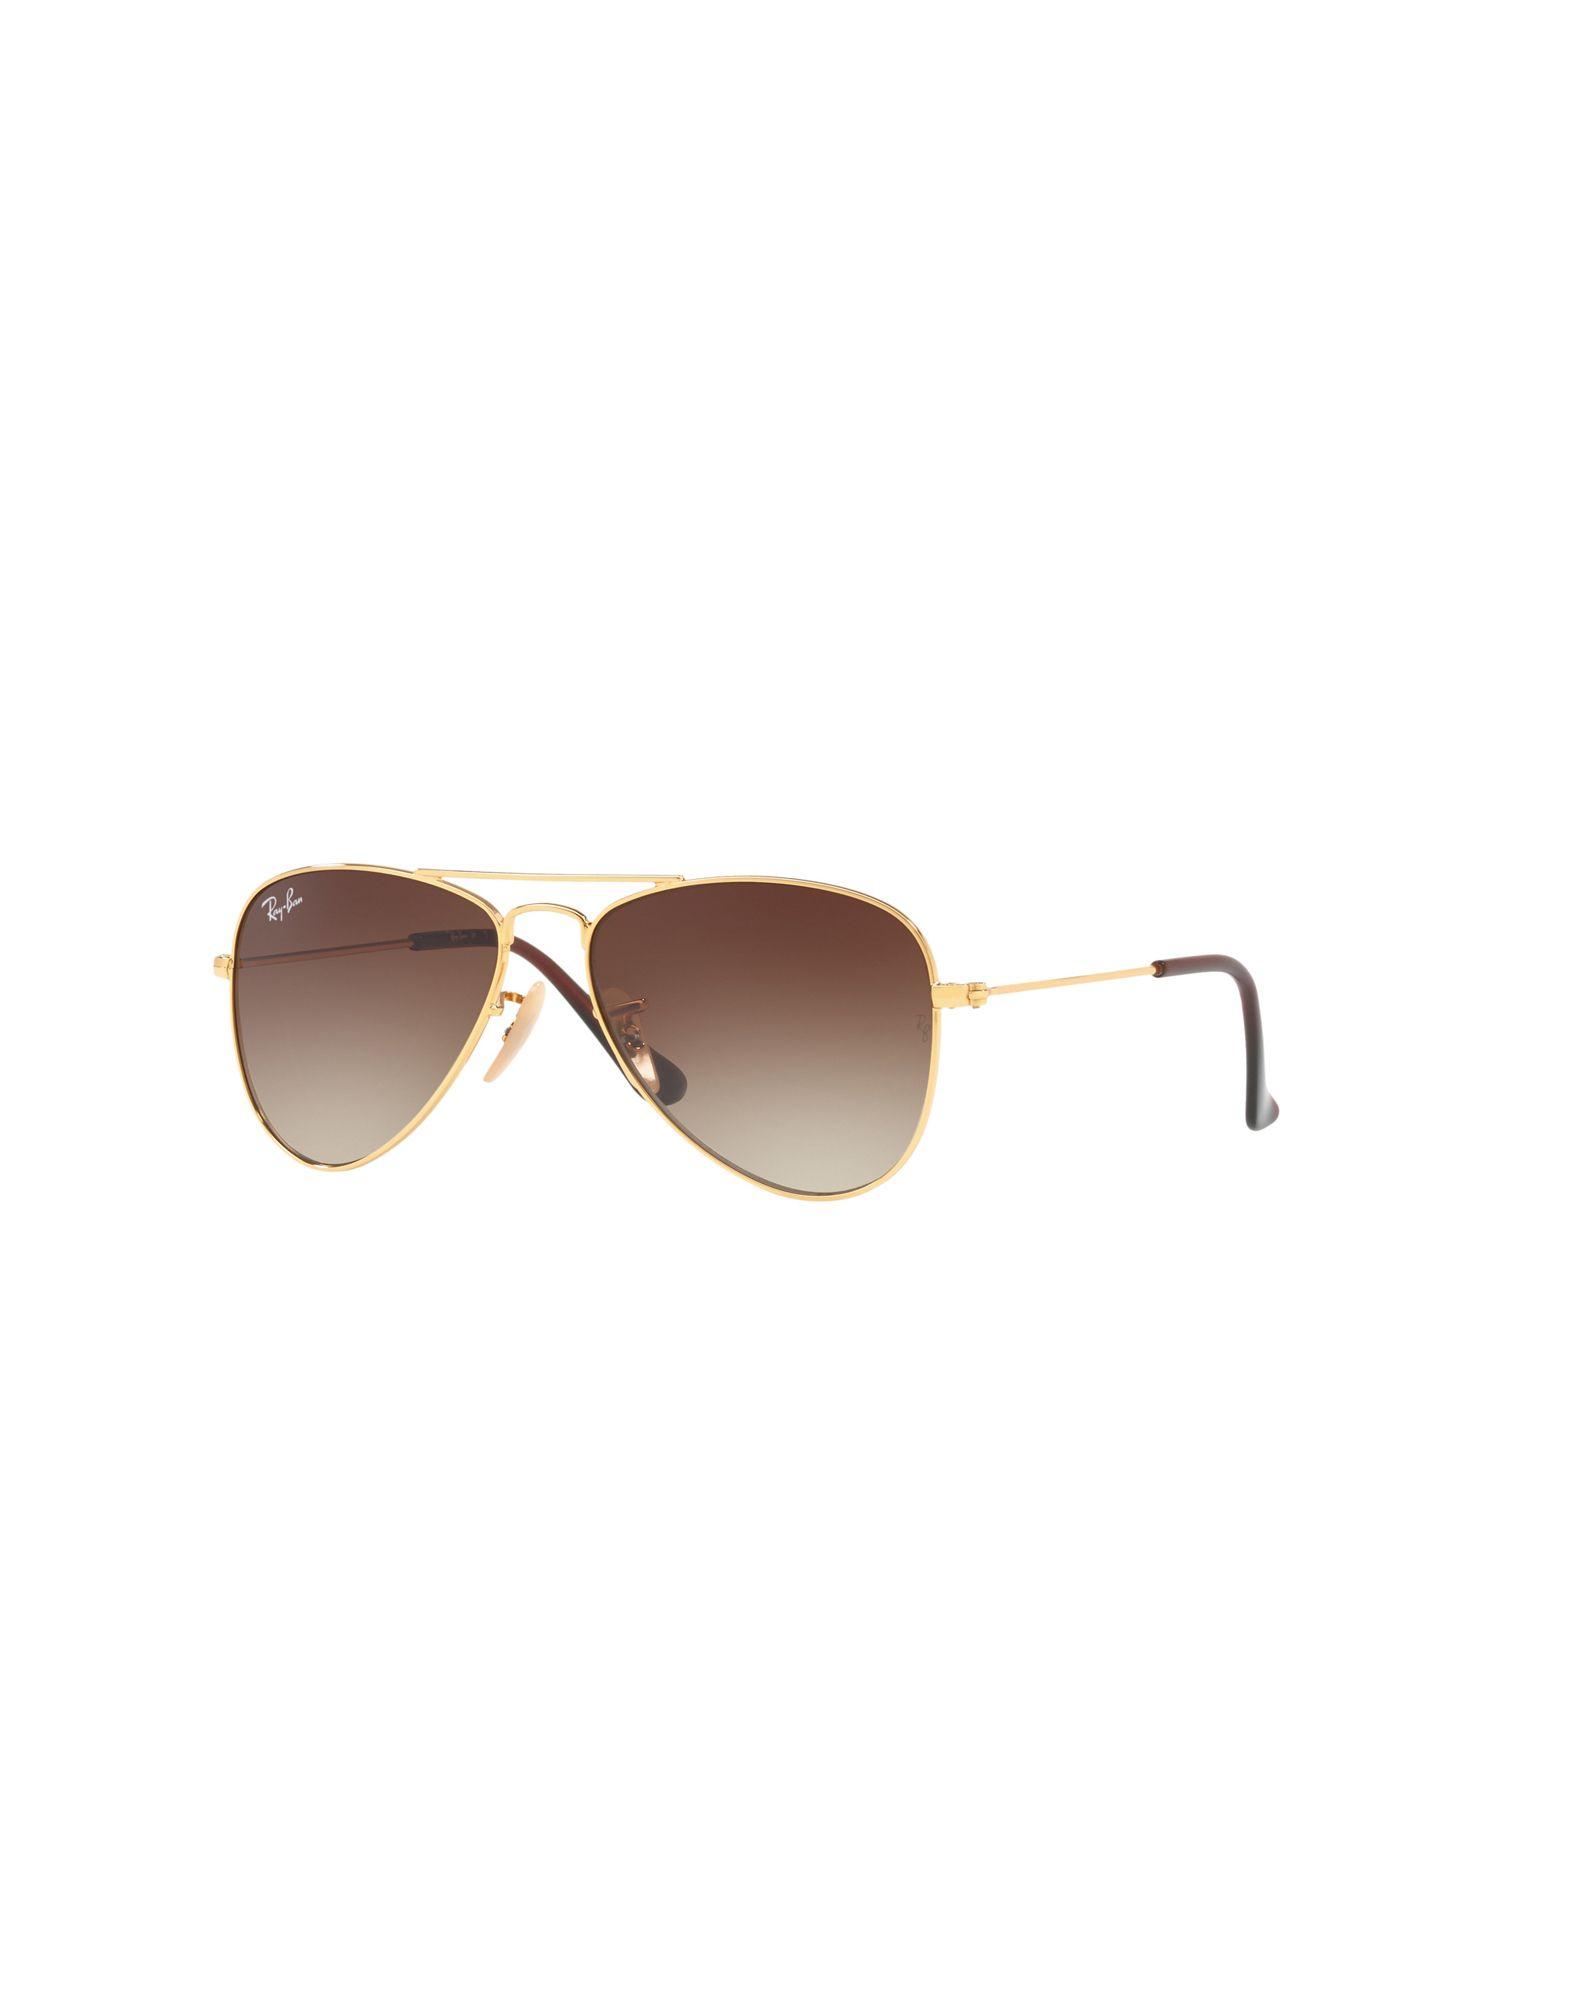 RAY-BAN JUNIOR Солнечные очки солнцезащитные очки ray ban rayban rb3025jm 001 002 146 32